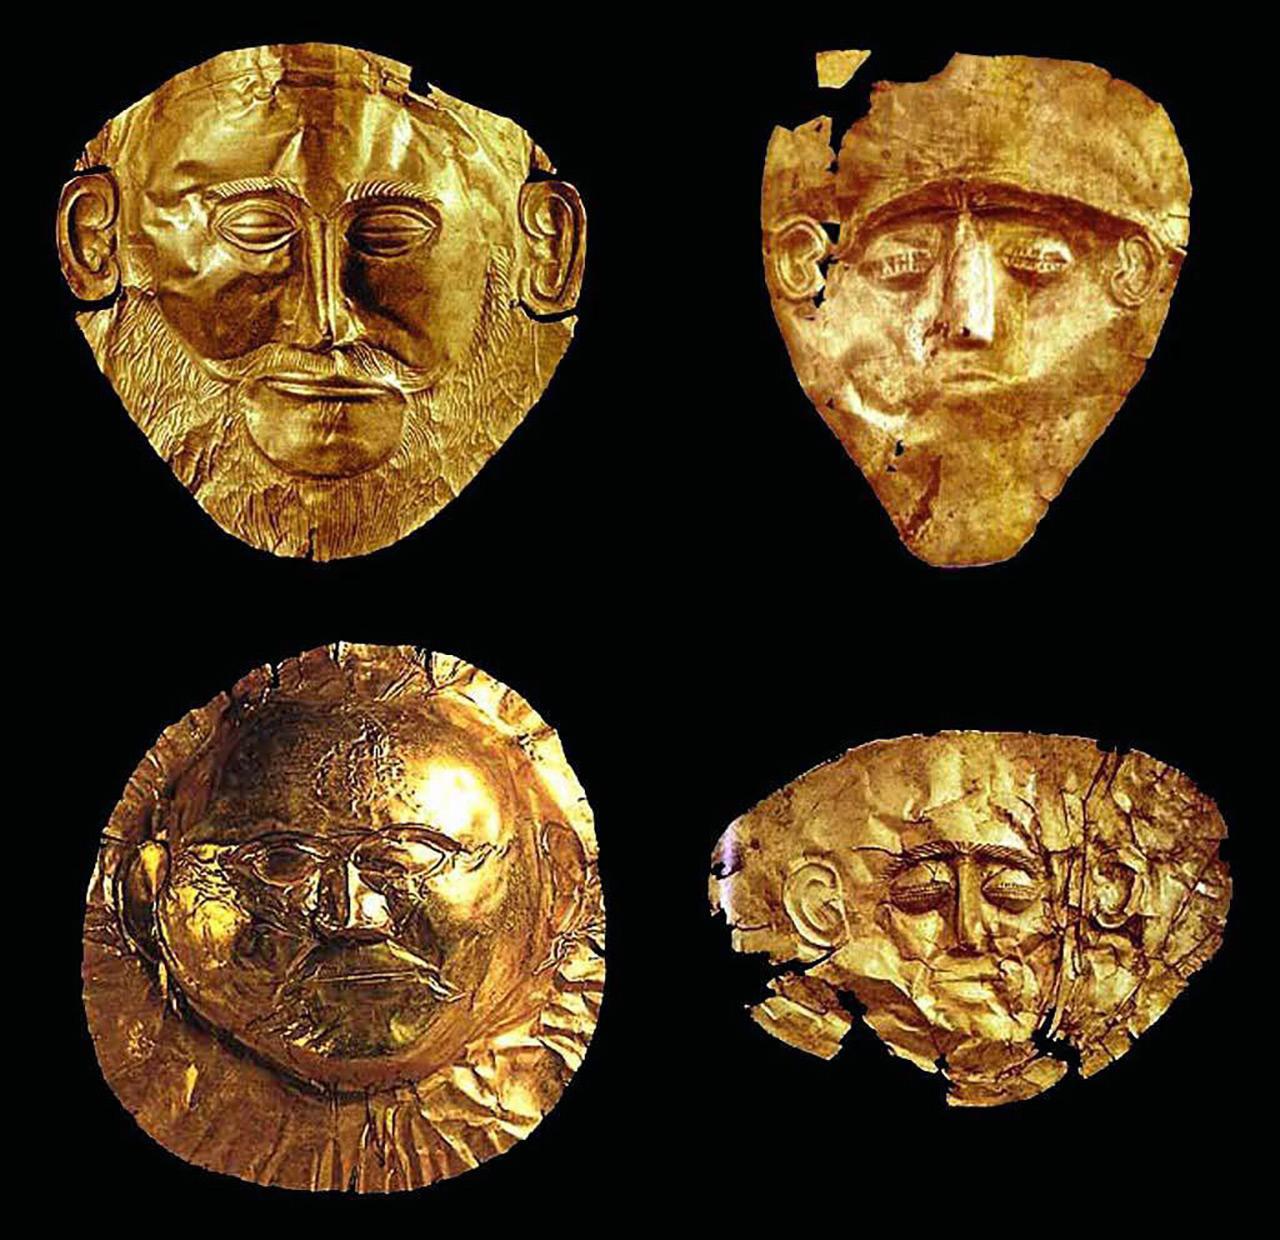 หน้ากากทองคำชิ้นอื่นๆที่ค้นพบ ในกลุ่มสุสานวงกลม เอ.